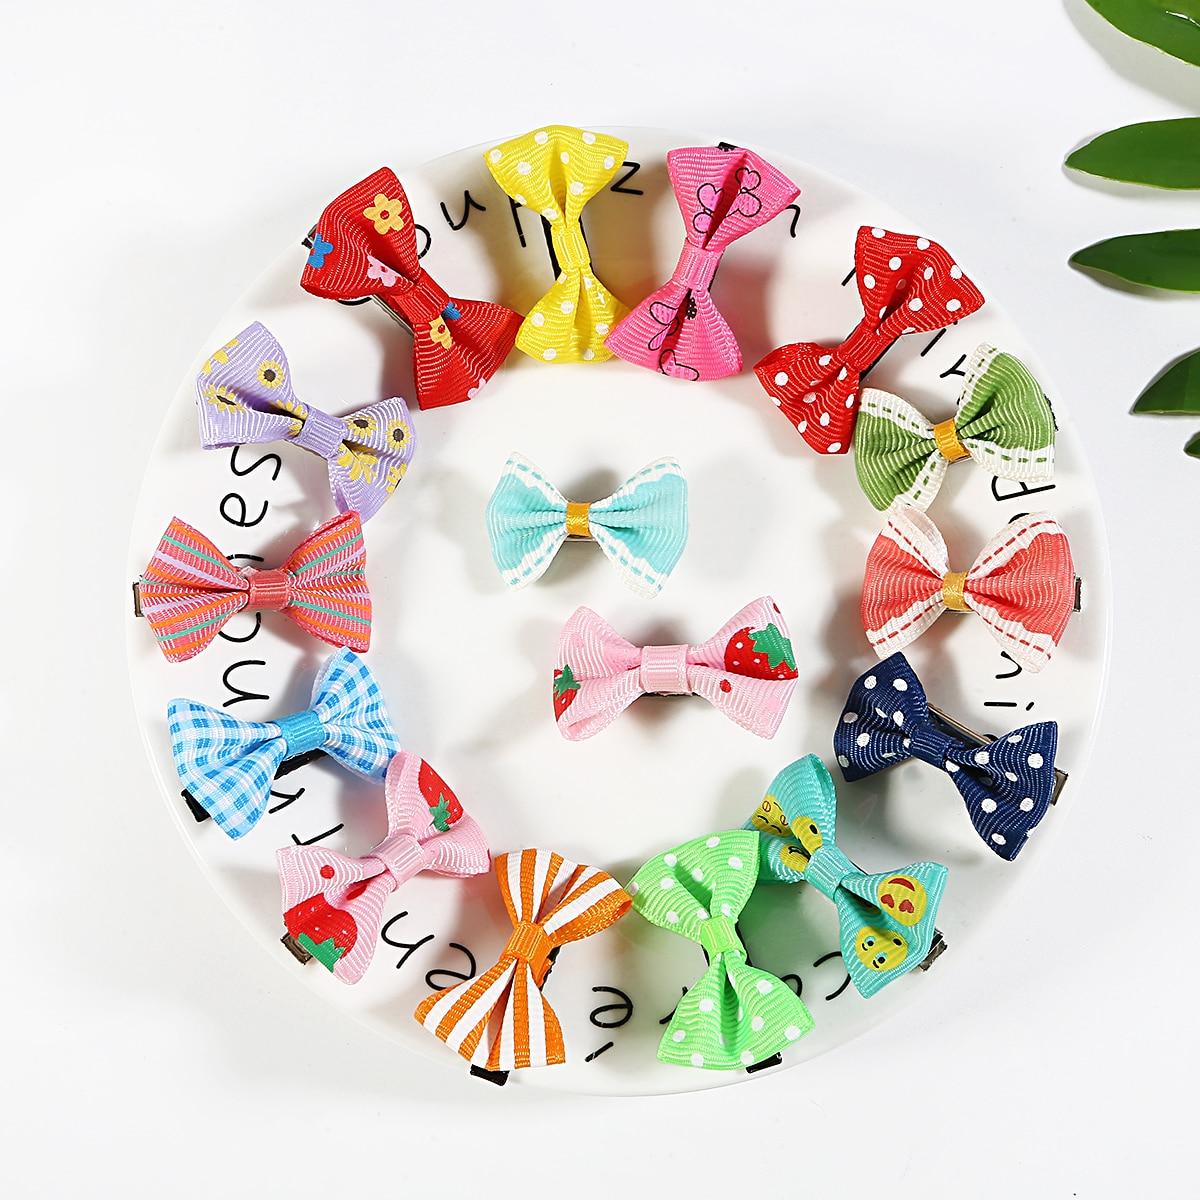 Barrettes avec Mini épingles à nœud mixte aléatoire   10 pièces, accessoires pour cheveux, joli bandeau de sécurité pour petites filles